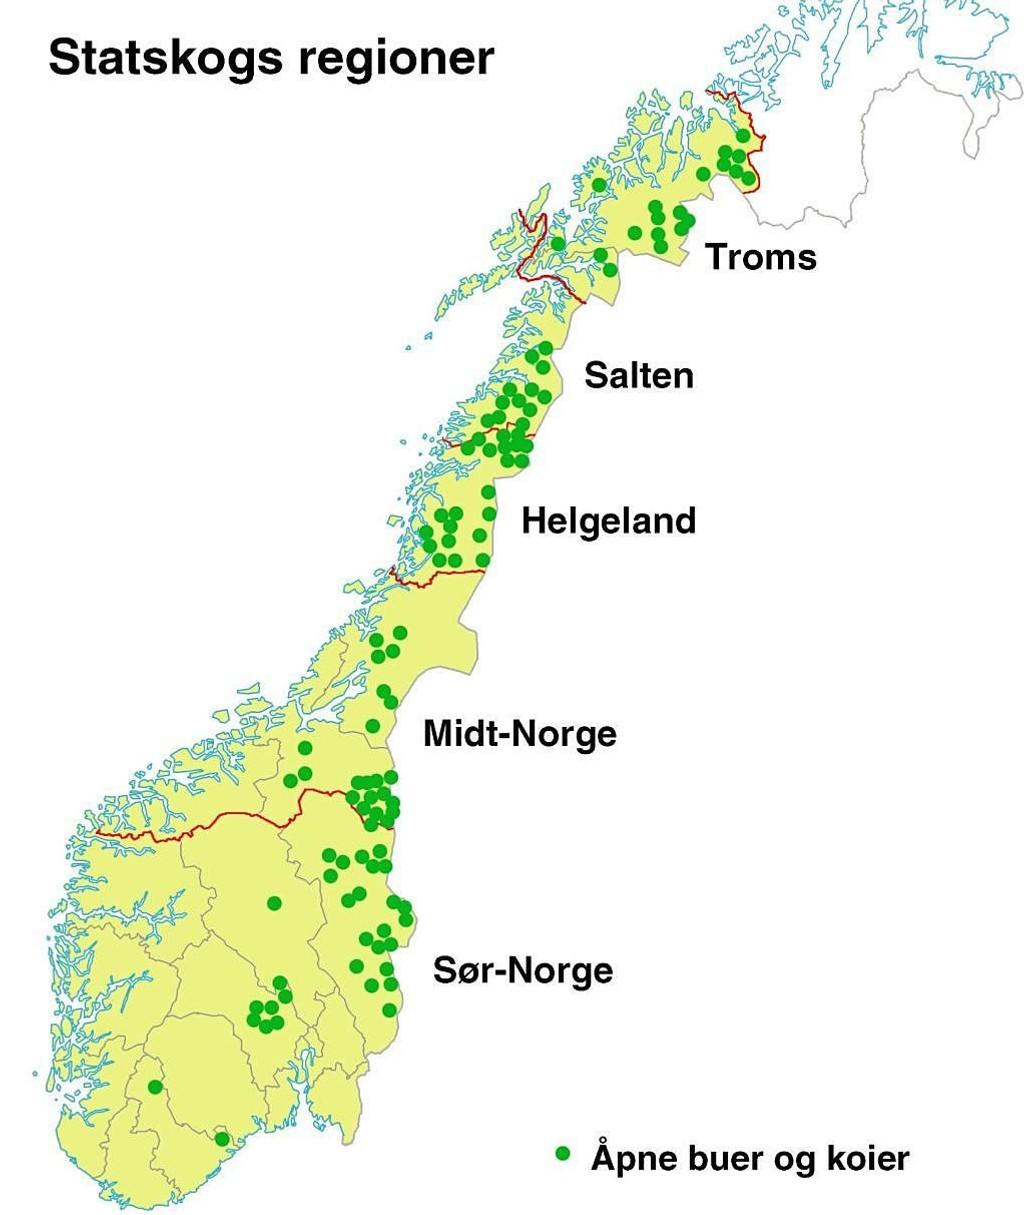 statskog kart Tilbyr over 100 gratis hytter statskog kart